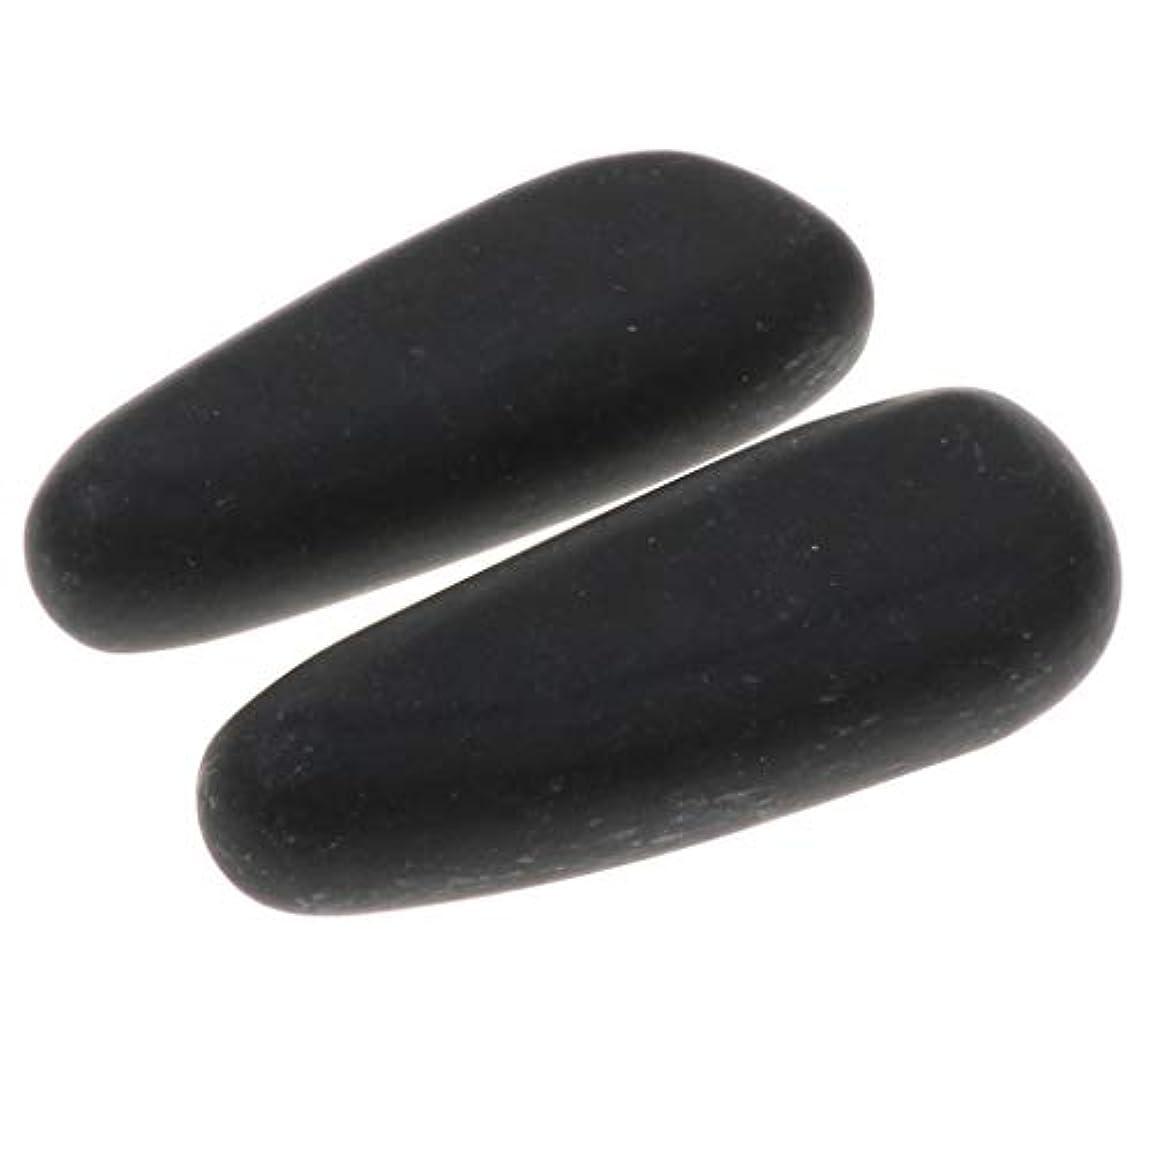 付属品訴えるくまホットストーン マッサージ石 マッサージストーン 玄武岩 ボディマッサージ 2個 全2サイズ - 8×3.2×2cm